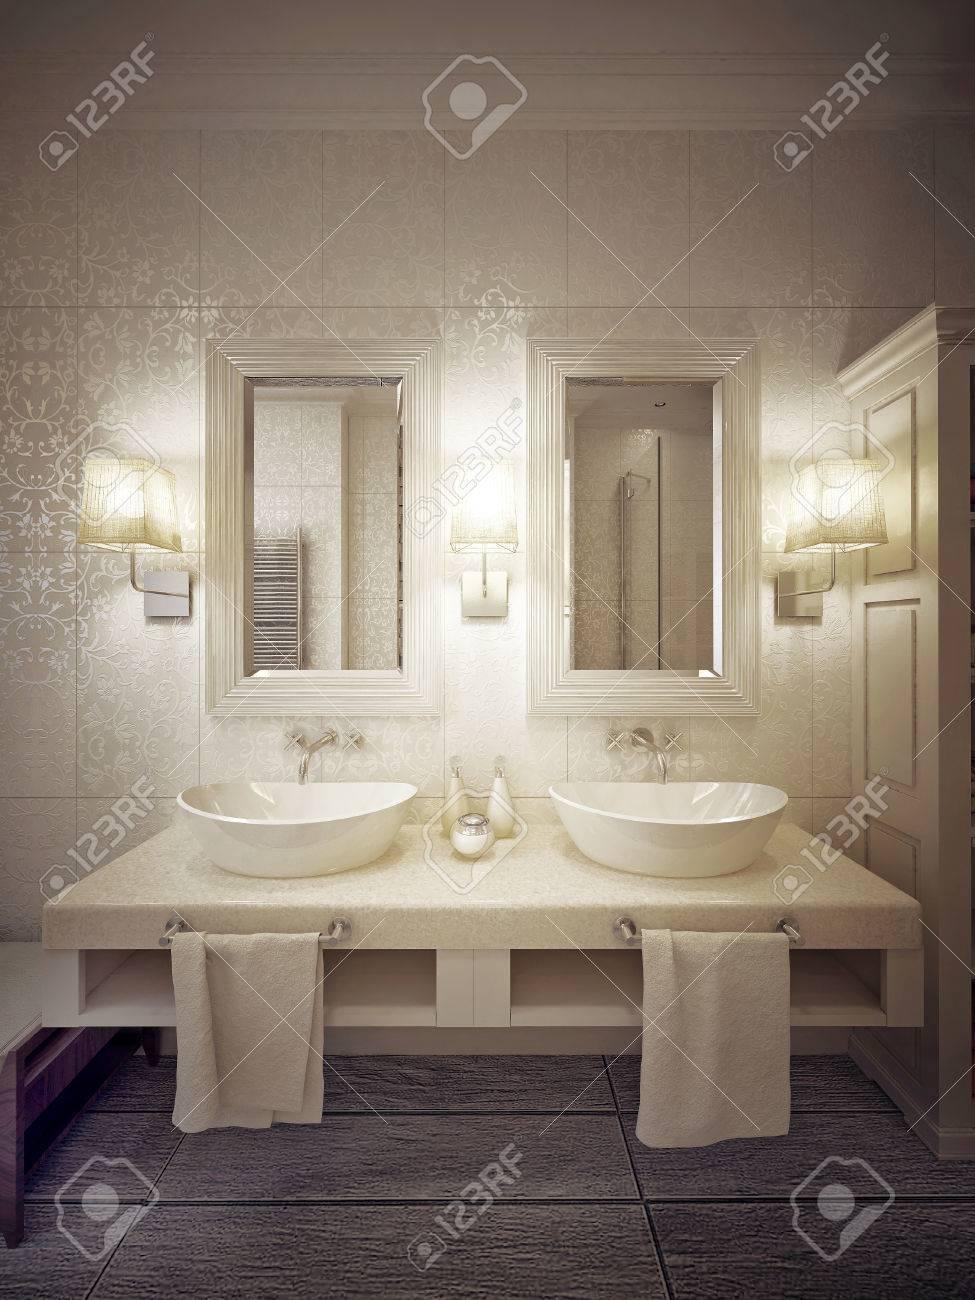 Une salle de bains moderne avec la console deux éviers en blanc et beige.  3d render.